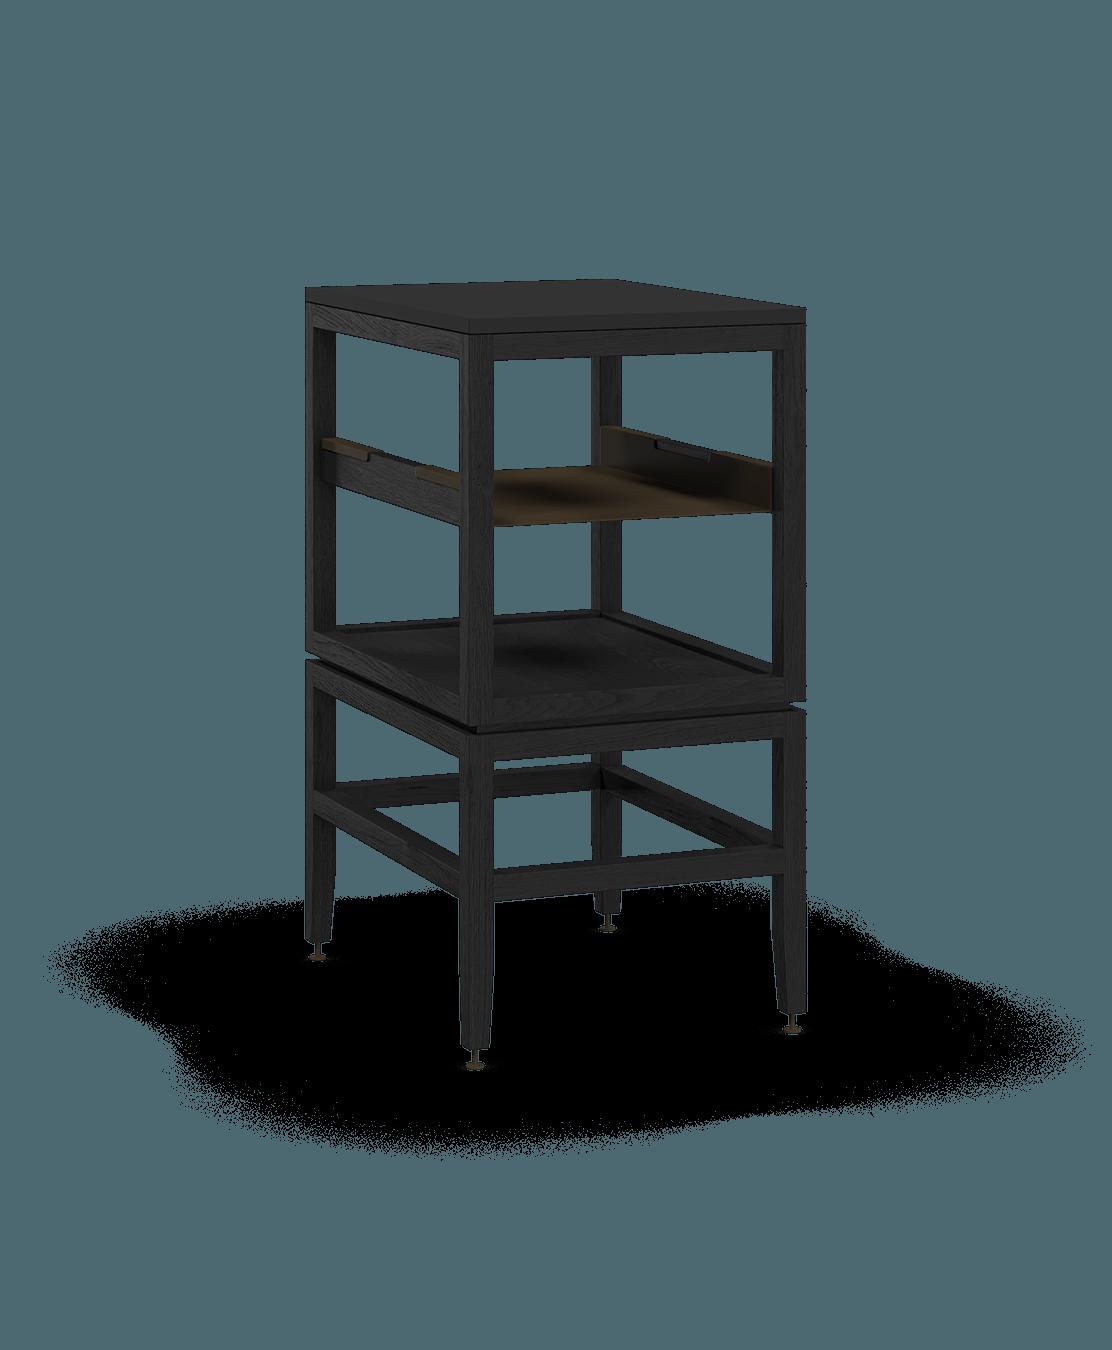 armoire ouverte modulaire de rangement en bois massif coquo volitare avec cube 1 tablette chêne teint noir nuit profonde 18 pouces C2-N-1824-0011-BK